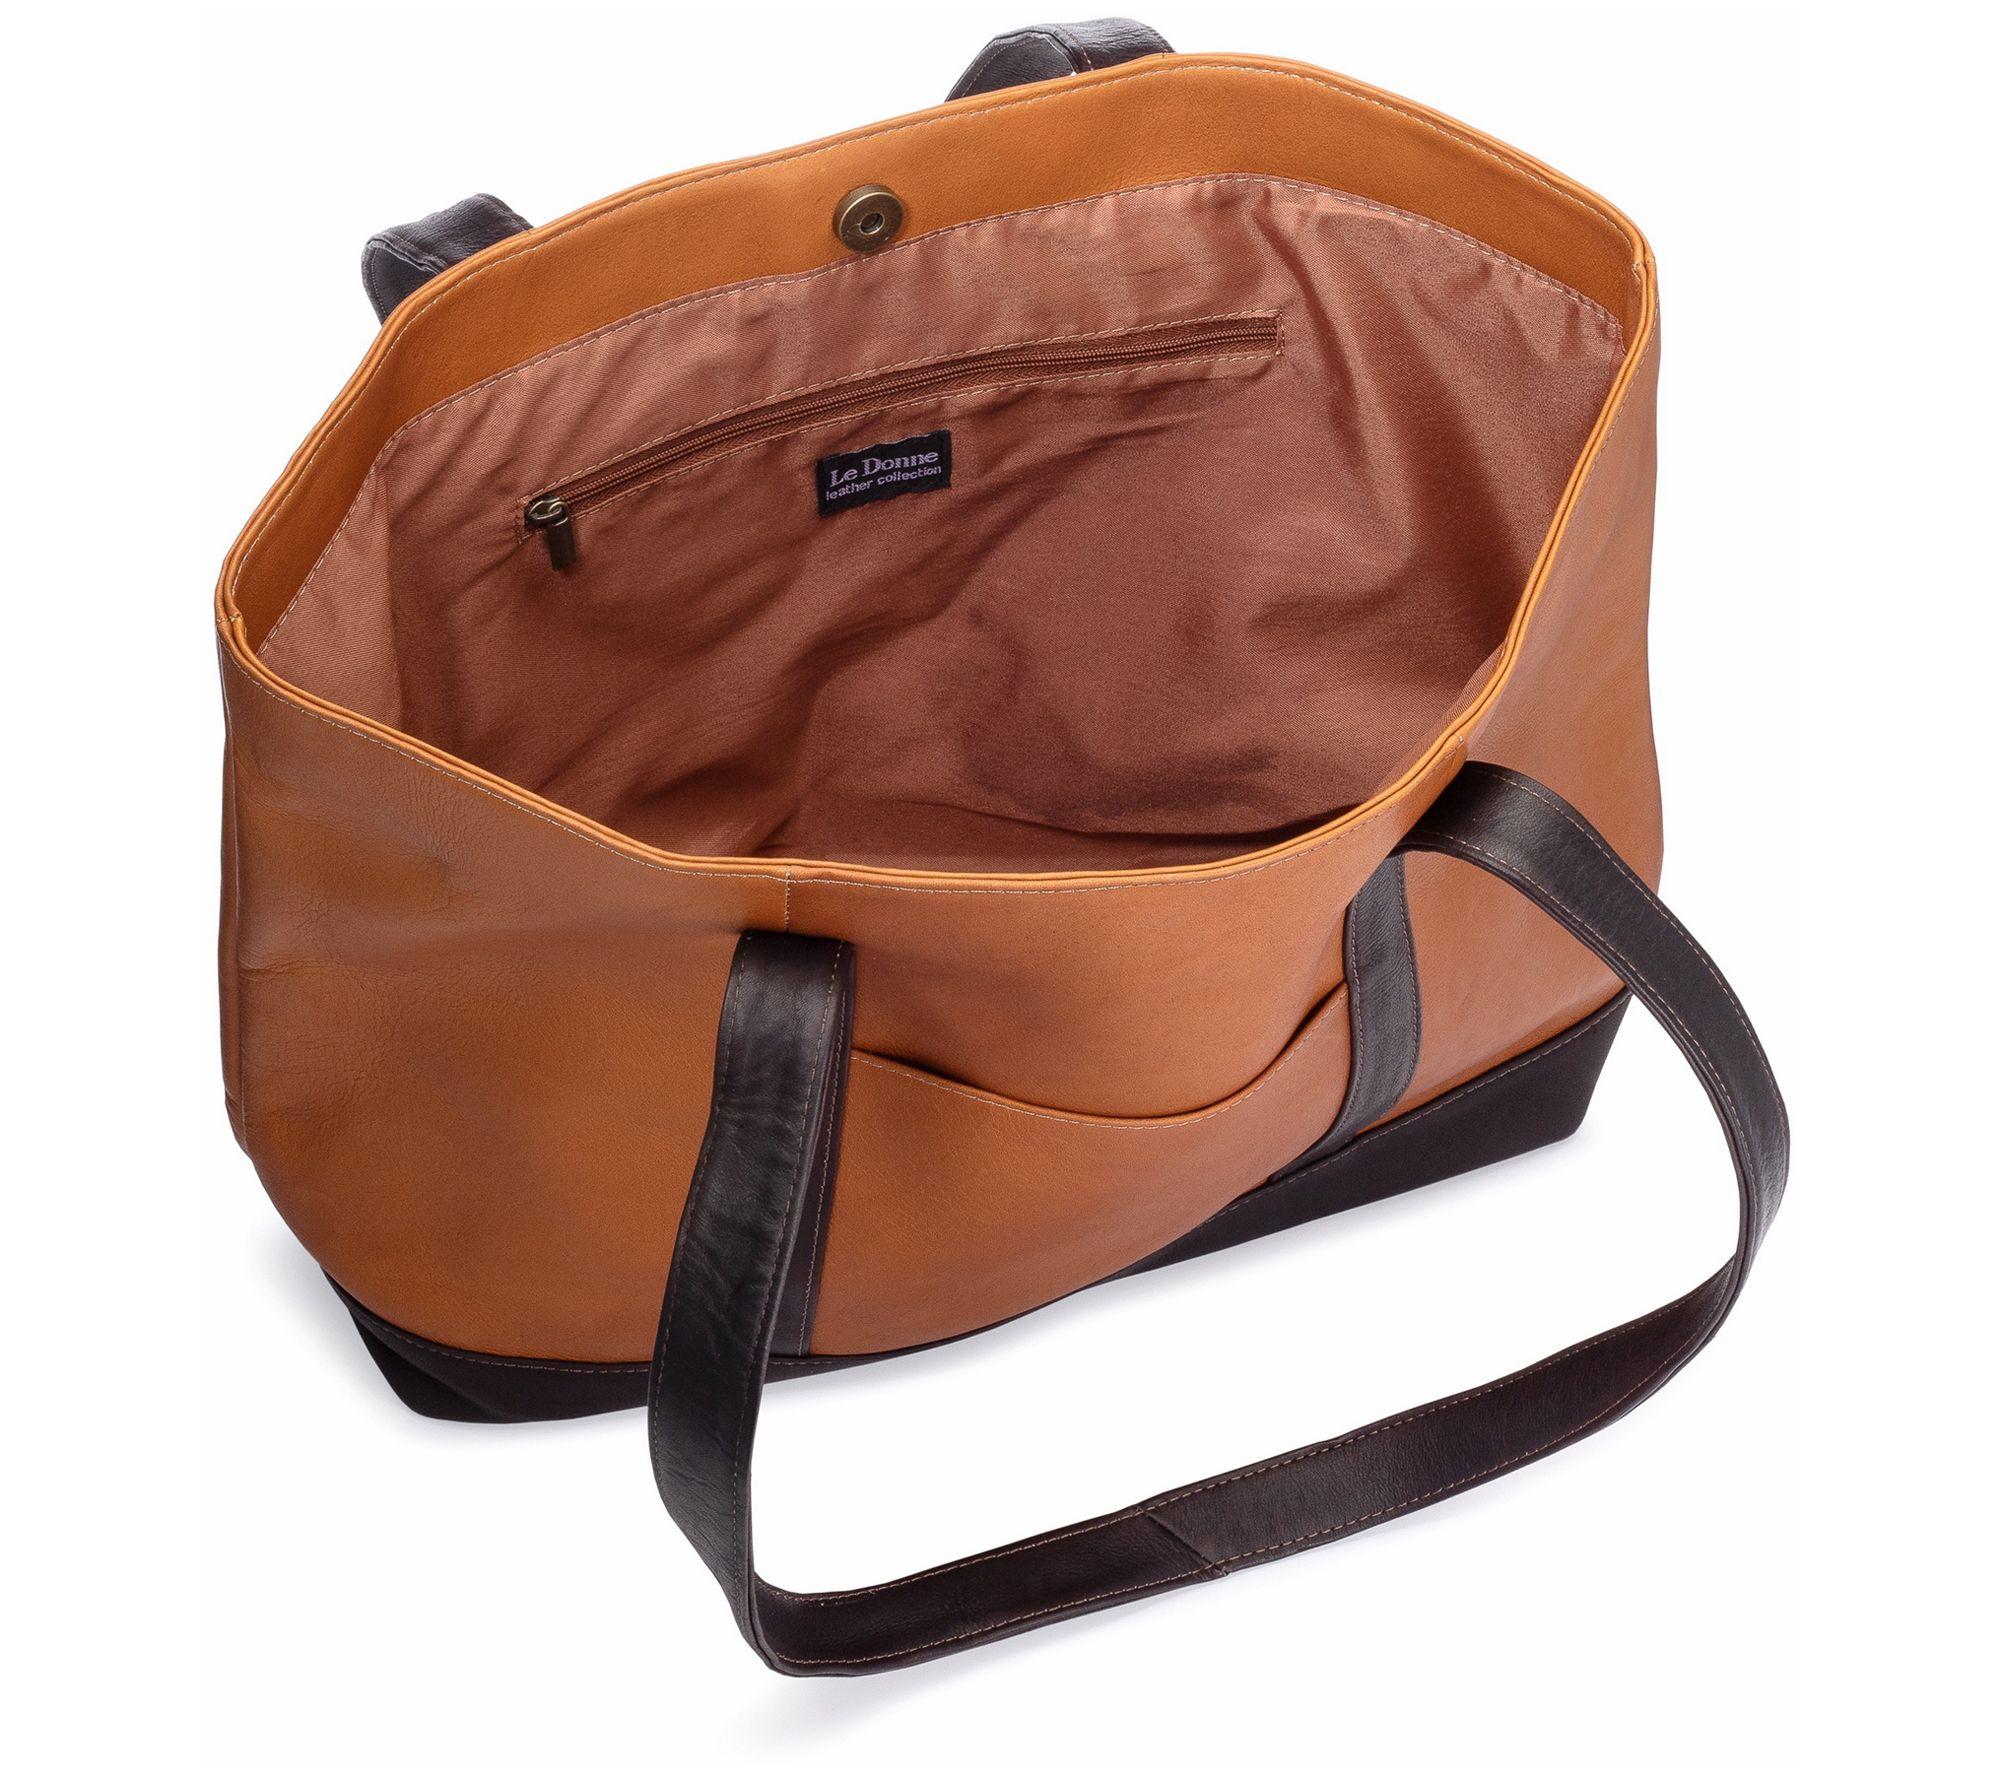 Details about  /Le Donne Leather Joilet Pocket Tote